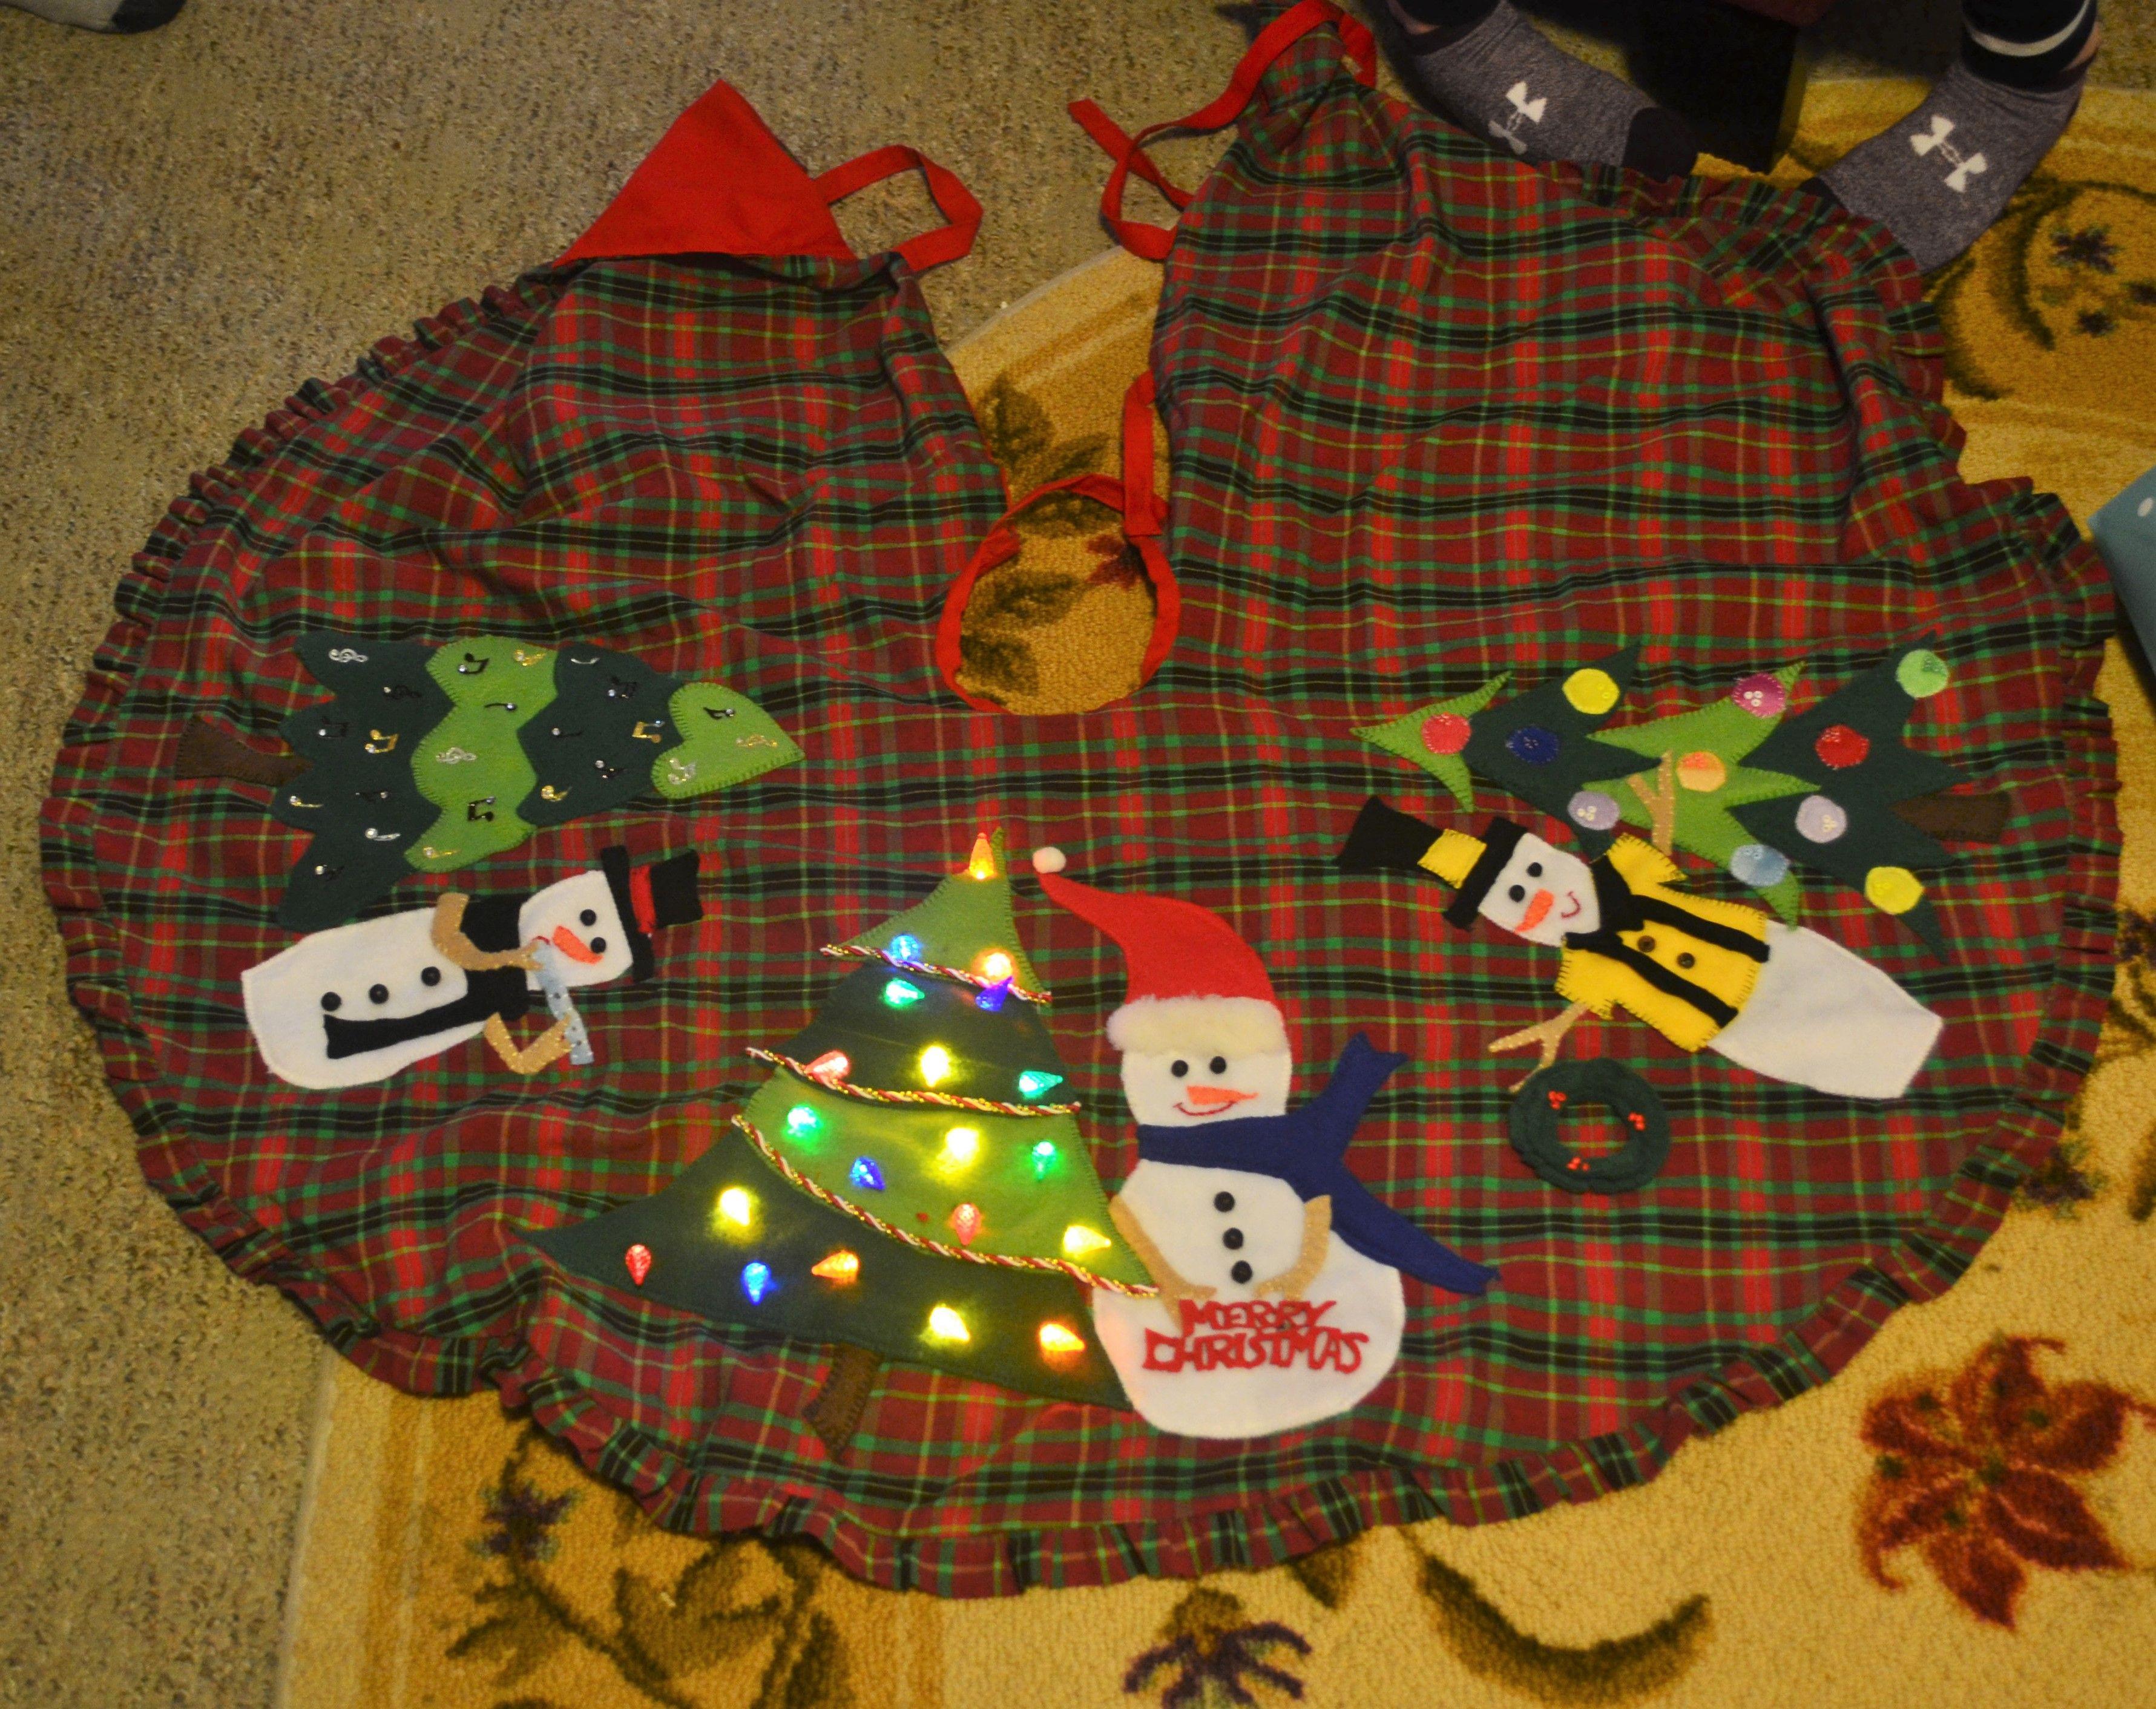 Music snowman, bowling snowman, light up tree snowman